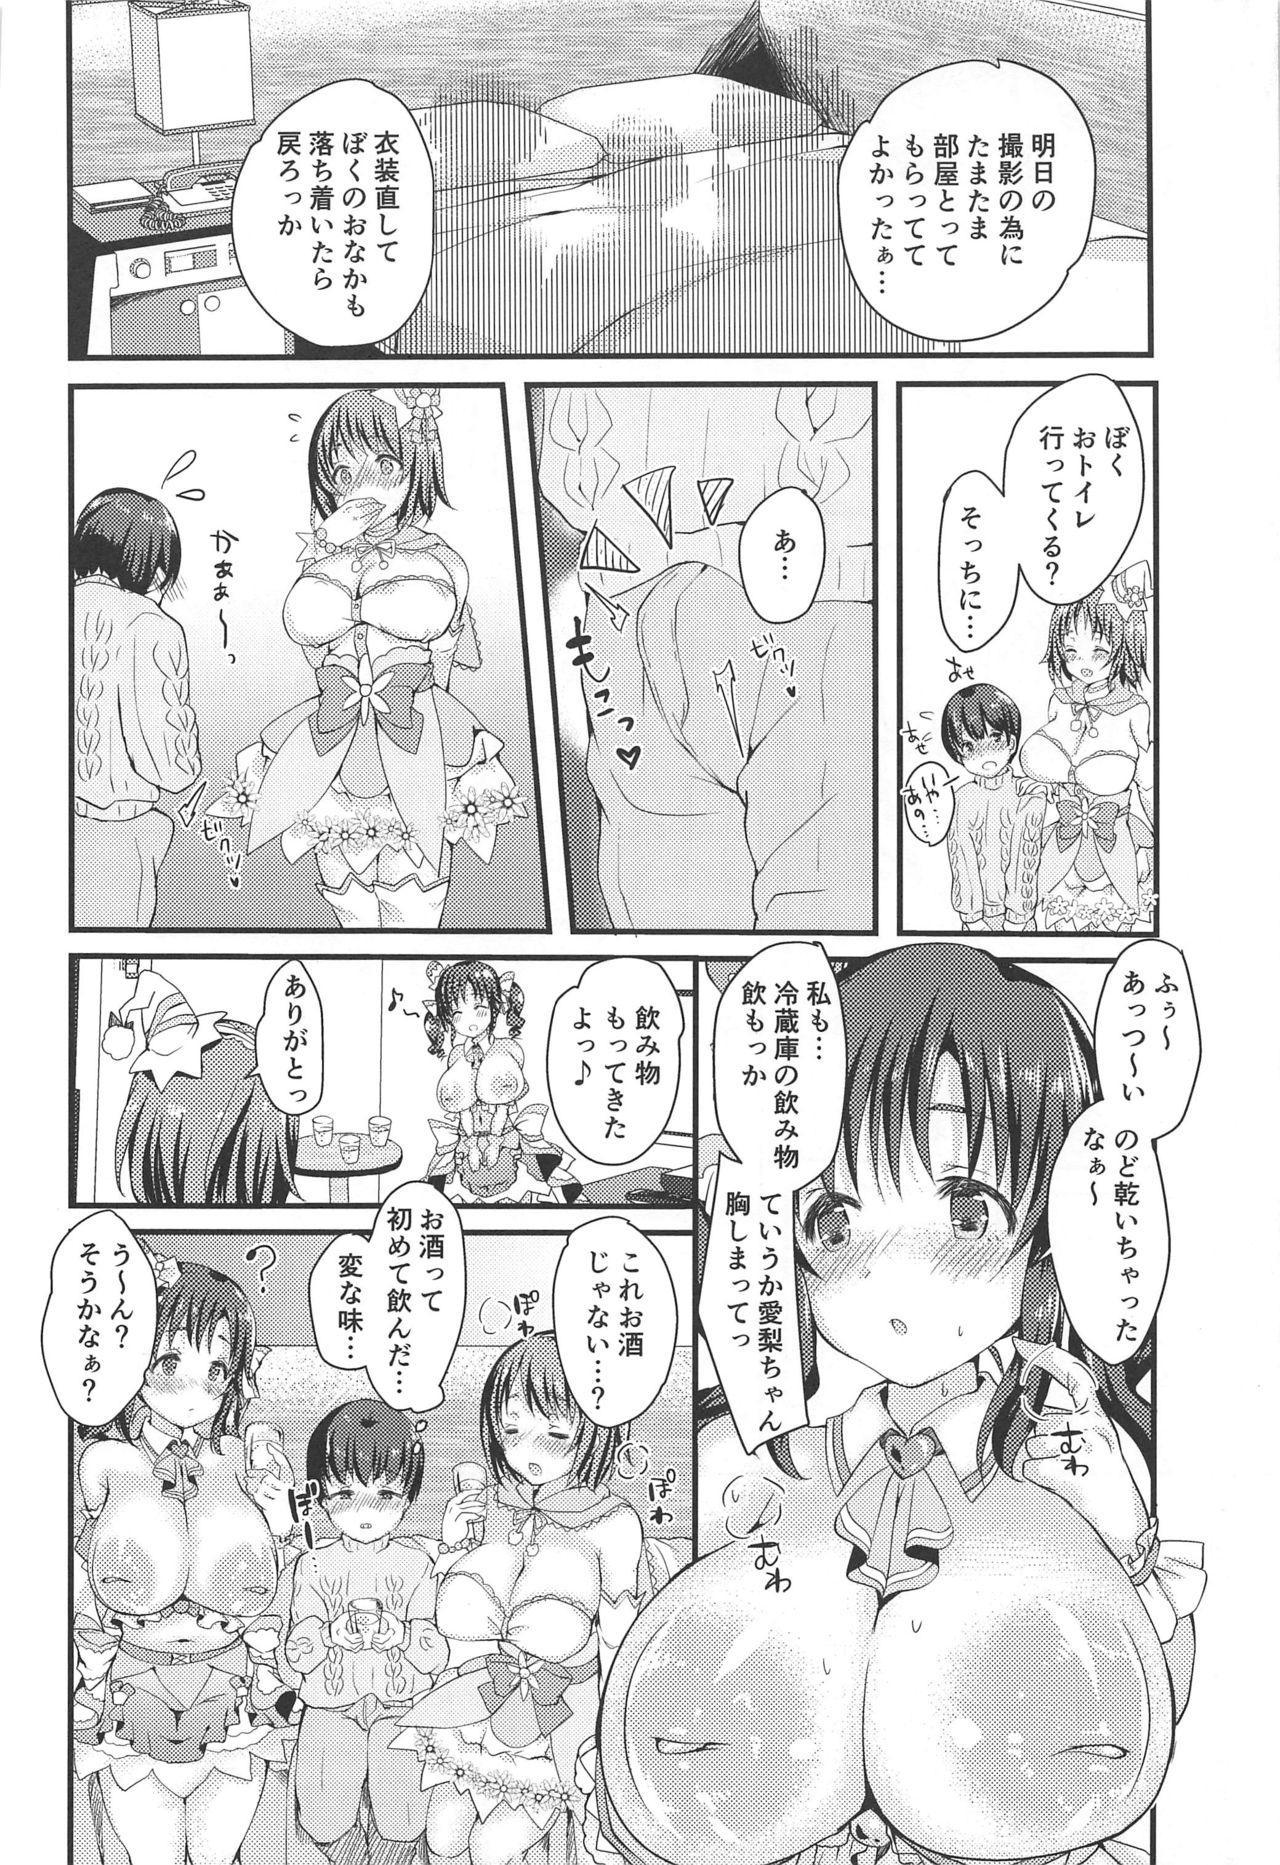 Totoki Airi to Mimura Kanako ni Shota ga Kotteri Sakusei Sareru Hon 4